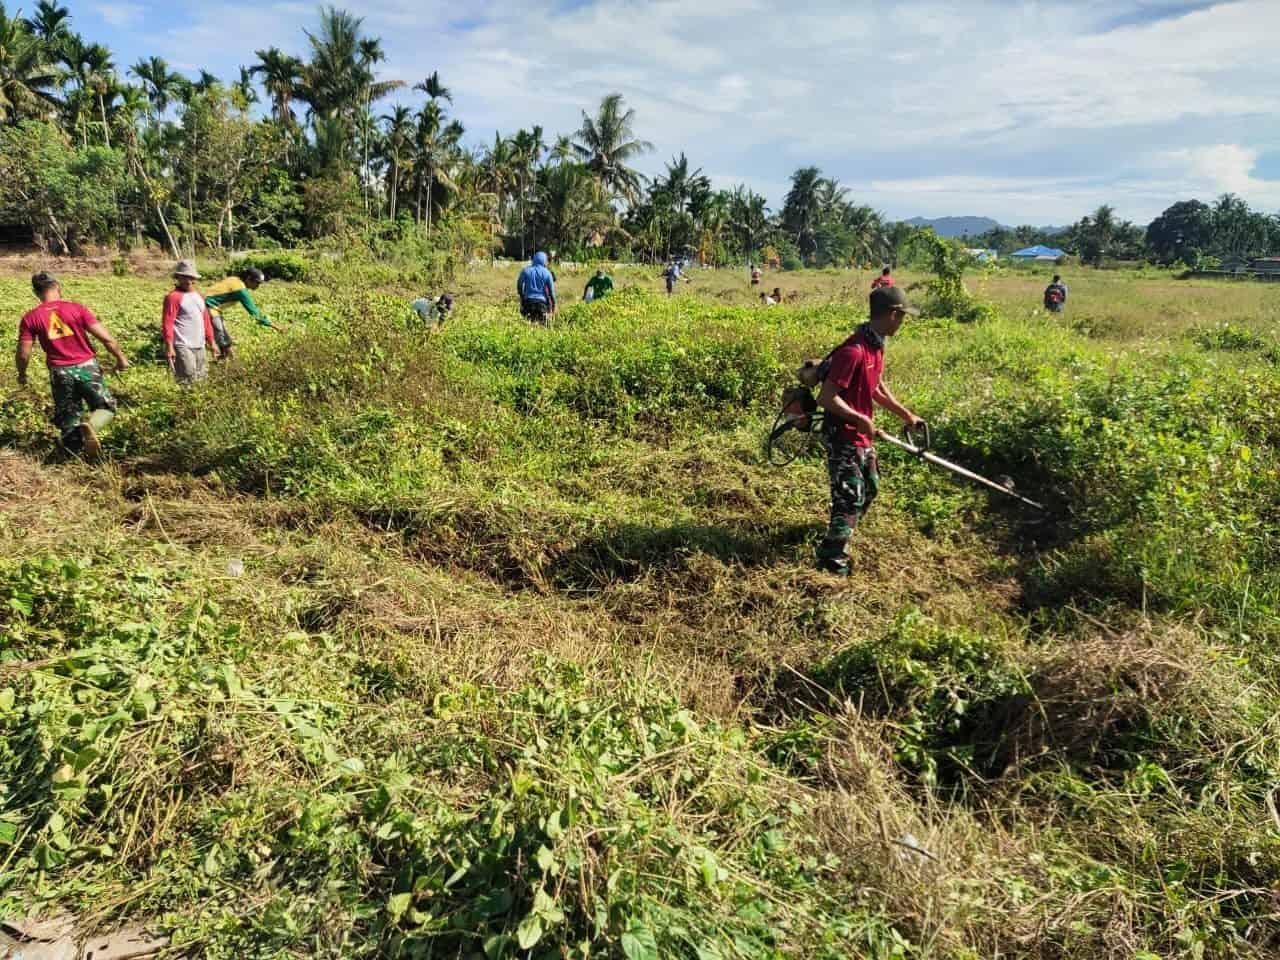 Sambut HUT RI Ke 76, TNI Karya Bakti Bersama Masyarakat di Kampung Koya Barat Papua